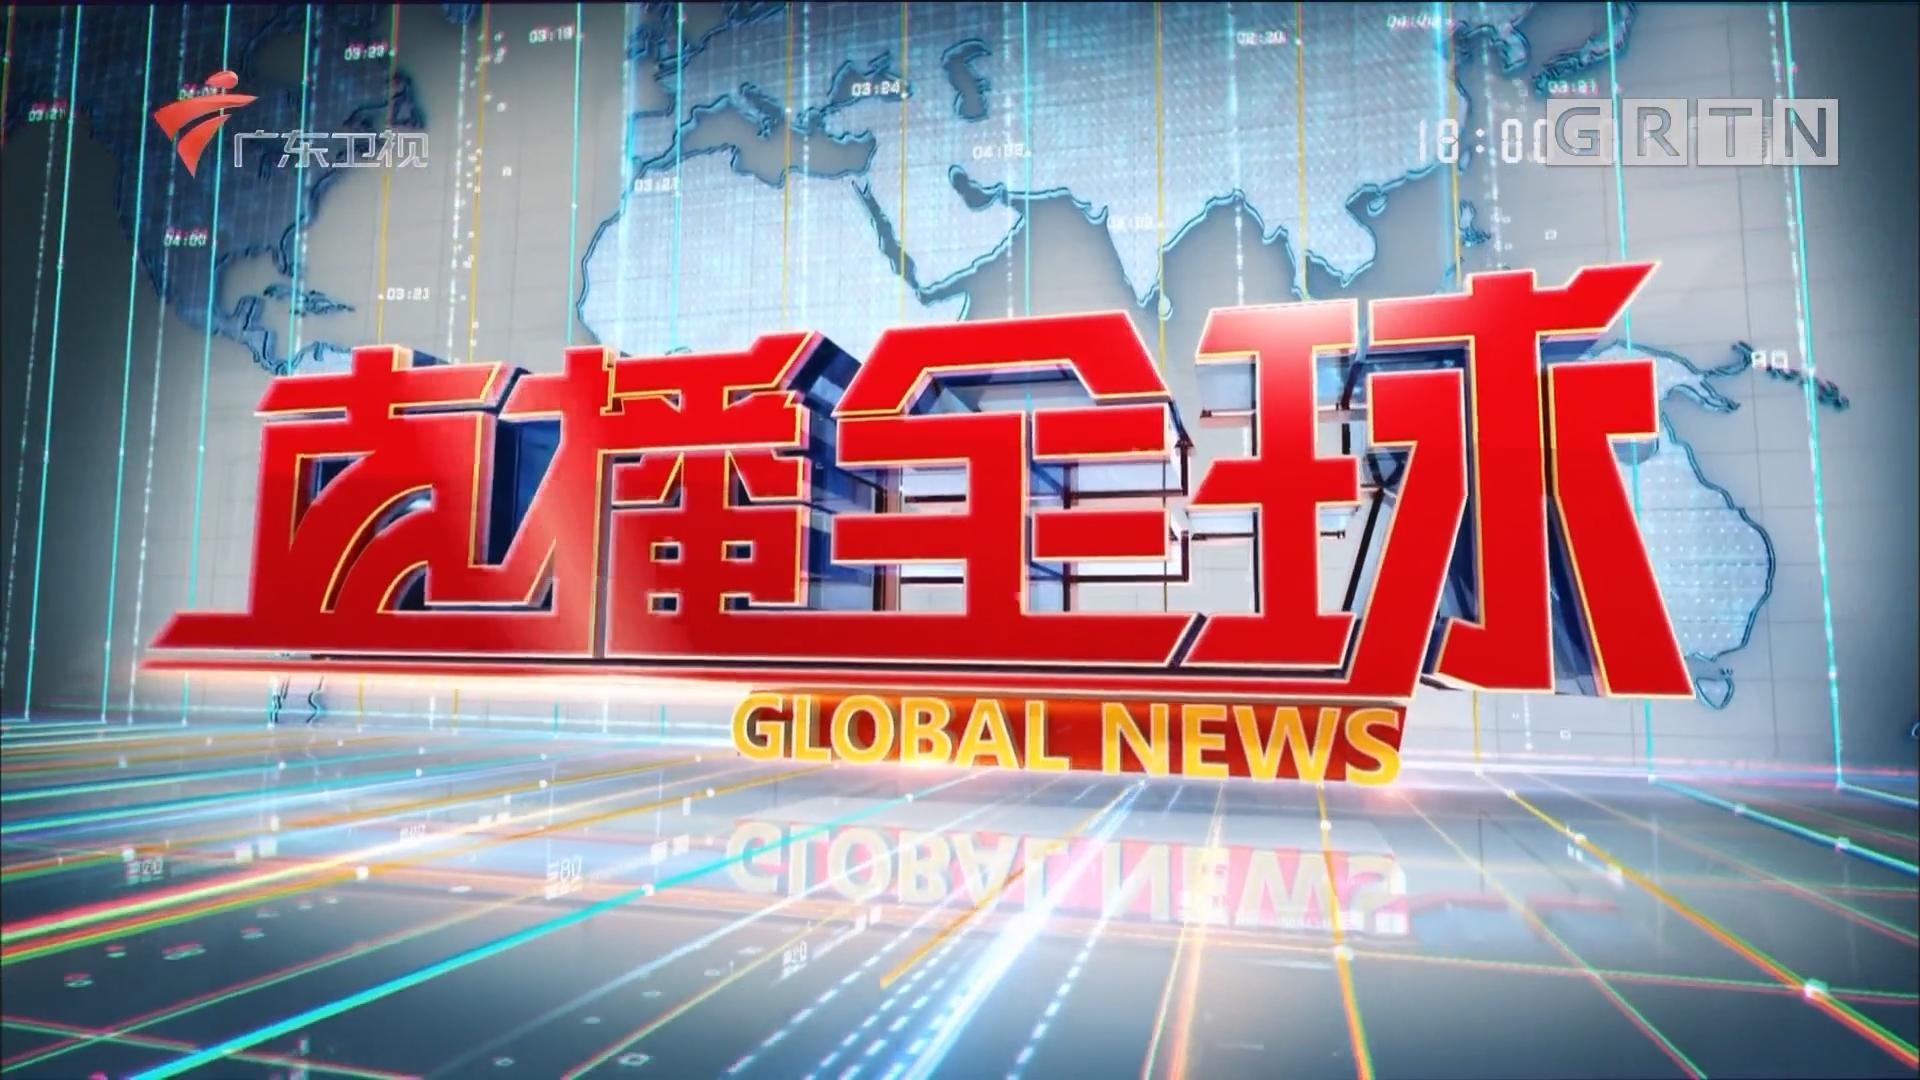 [HD][2018-02-13]直播全球:中国成功发射两颗北斗导航卫星 数量达到29颗:第112次发射 当地村民激动不已